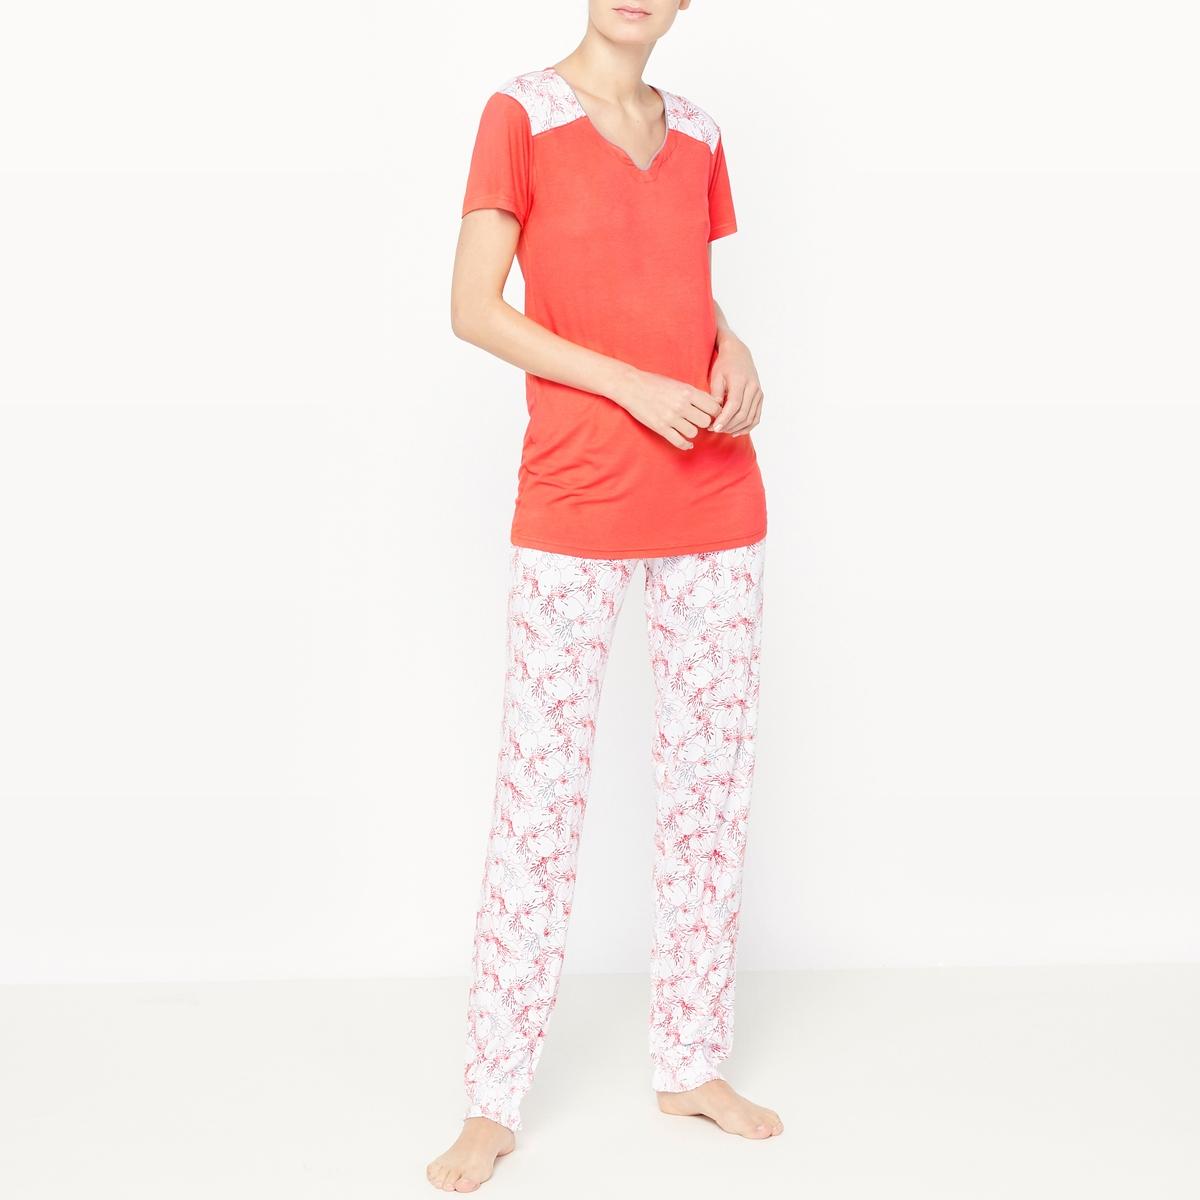 Пижама с короткими рукавами Escape пижама с шортами с рисунком